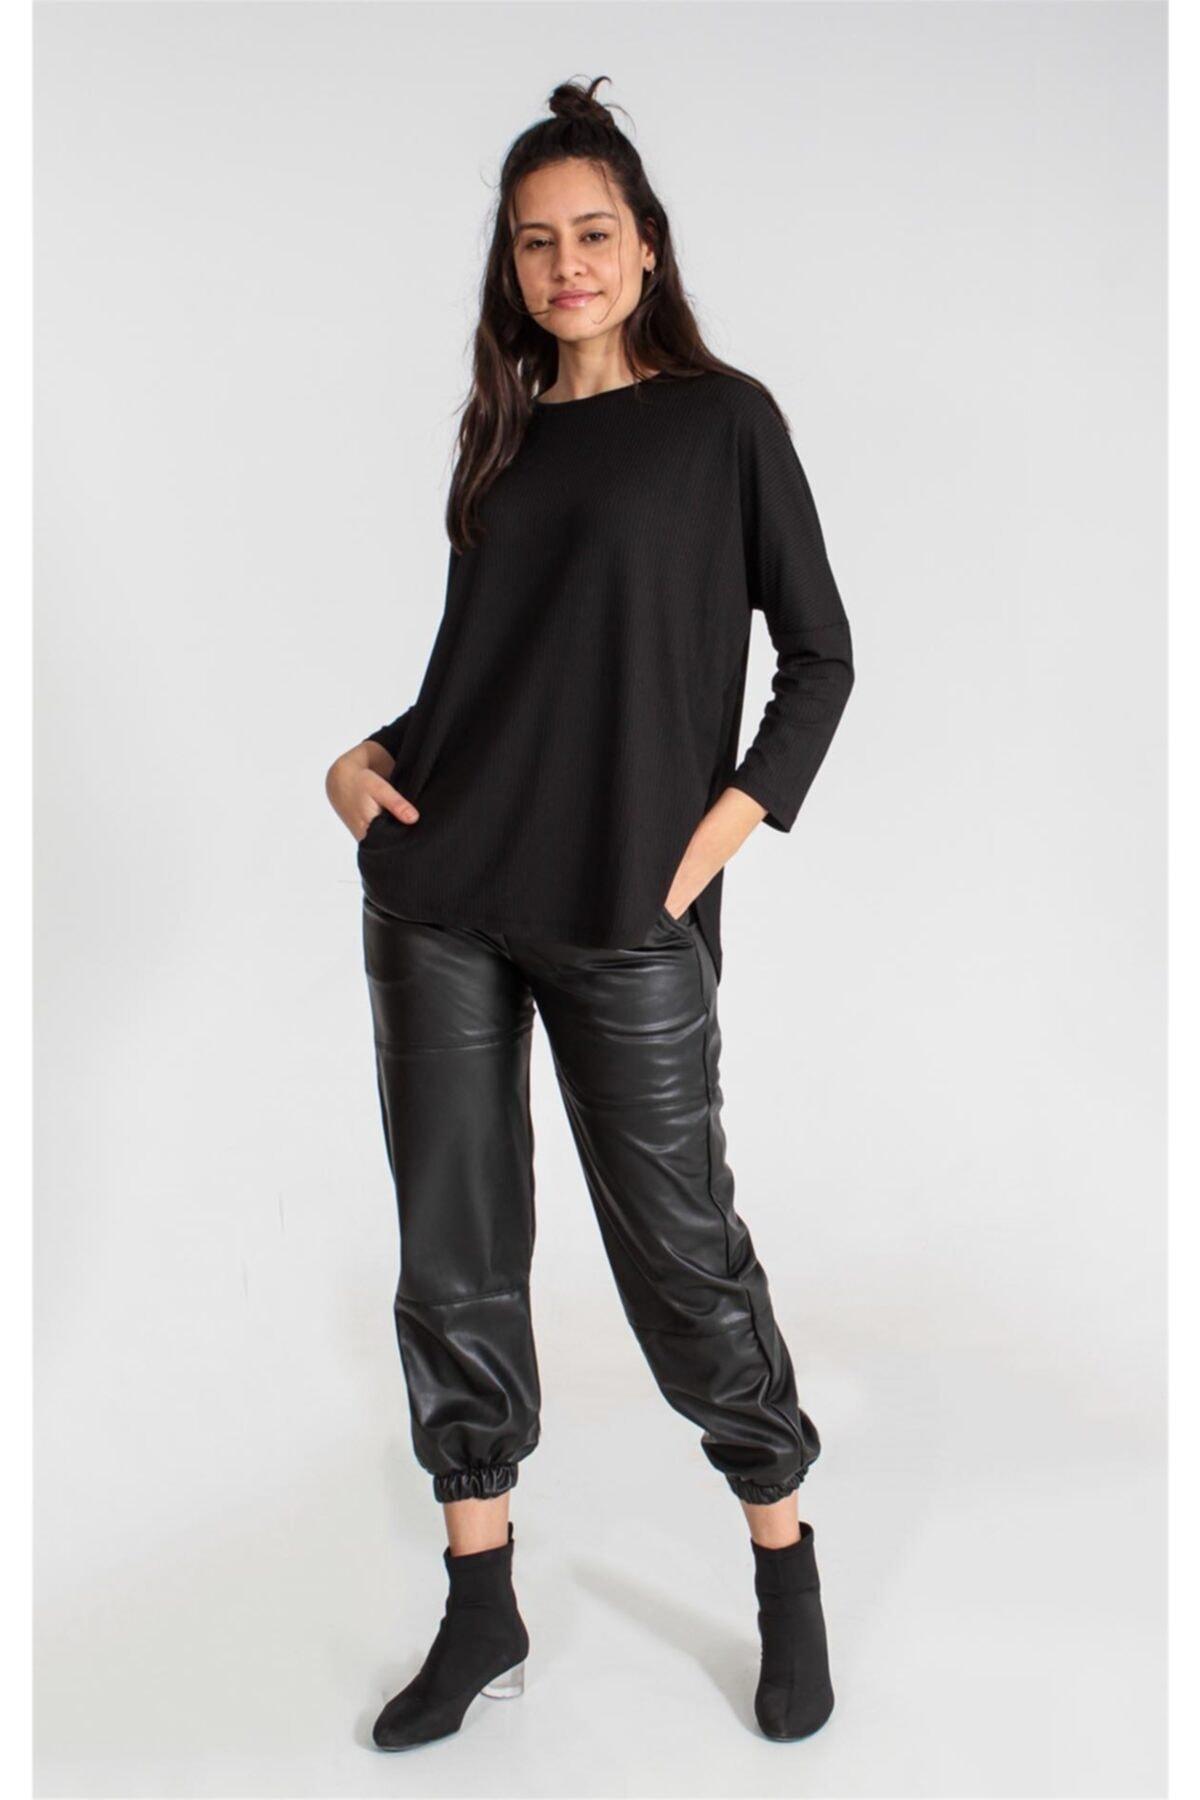 Collezione Sıyah Kadın Örme Tshirt 1